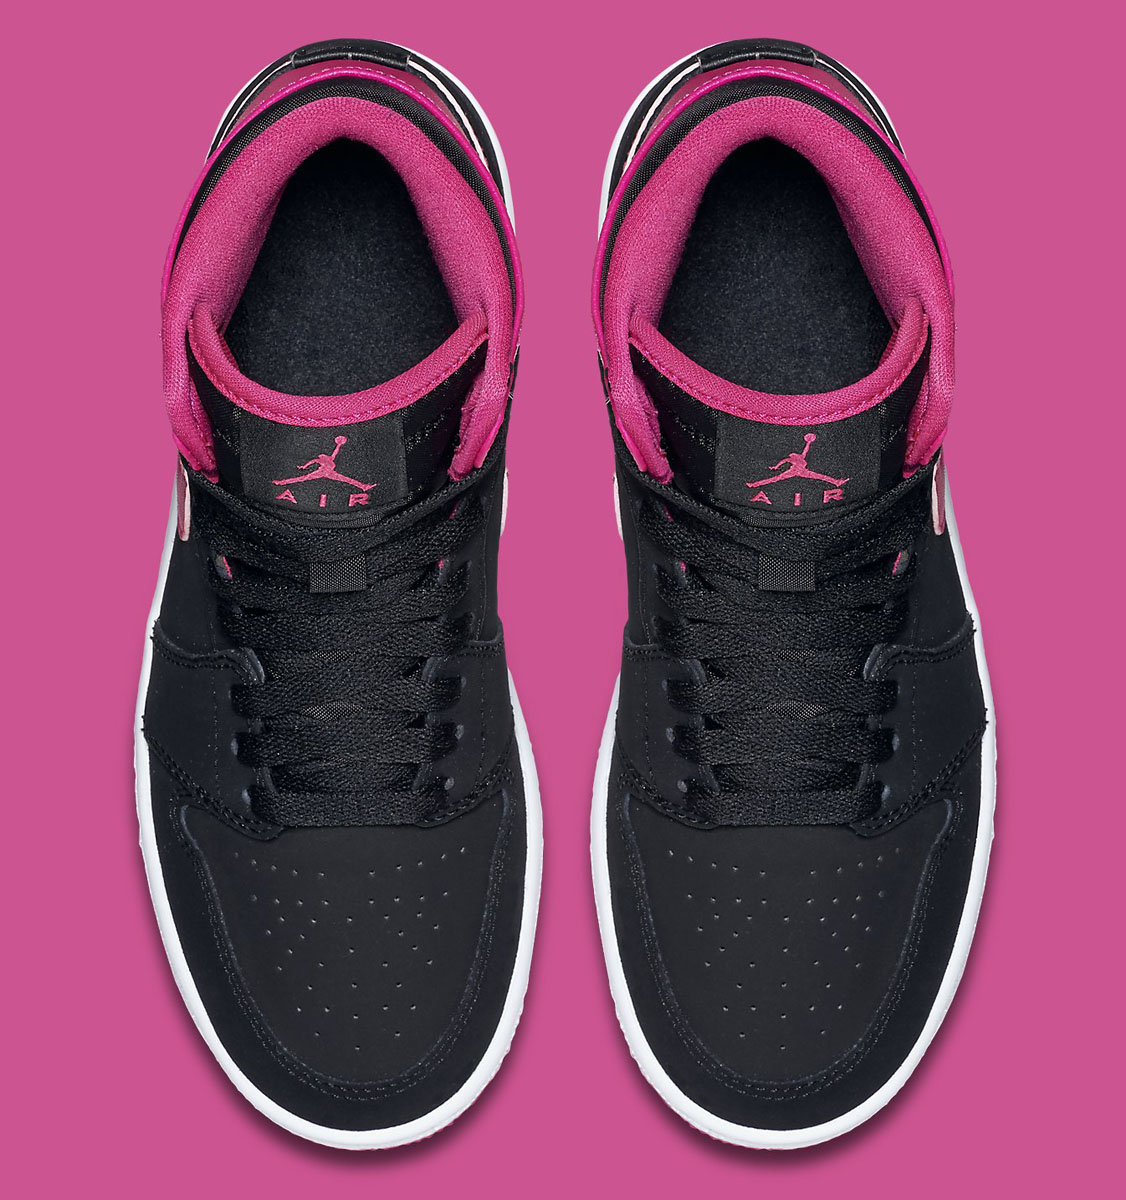 656e2968eabb Air Jordan 1 High GS Black   Vivid Pink - Air 23 - Air Jordan Release  Dates